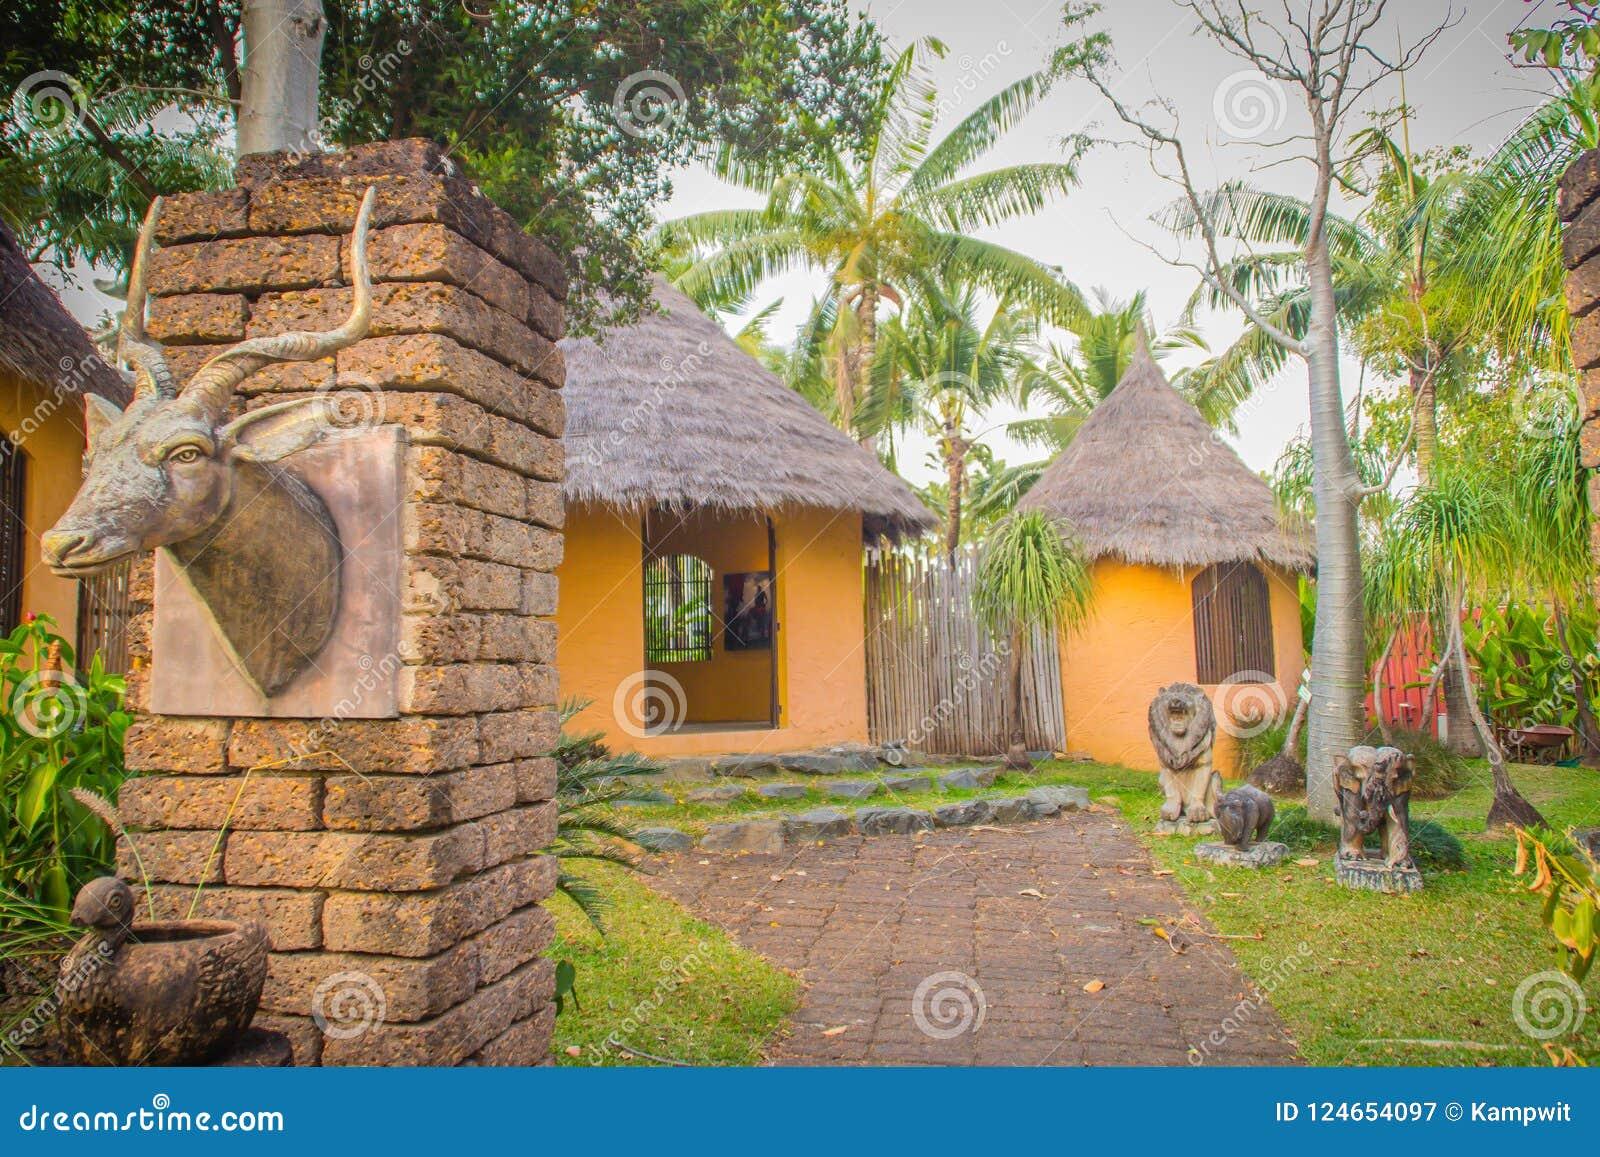 Le Jardin De La Porte De Terre D\'entrée De Maison Du Kenya ...